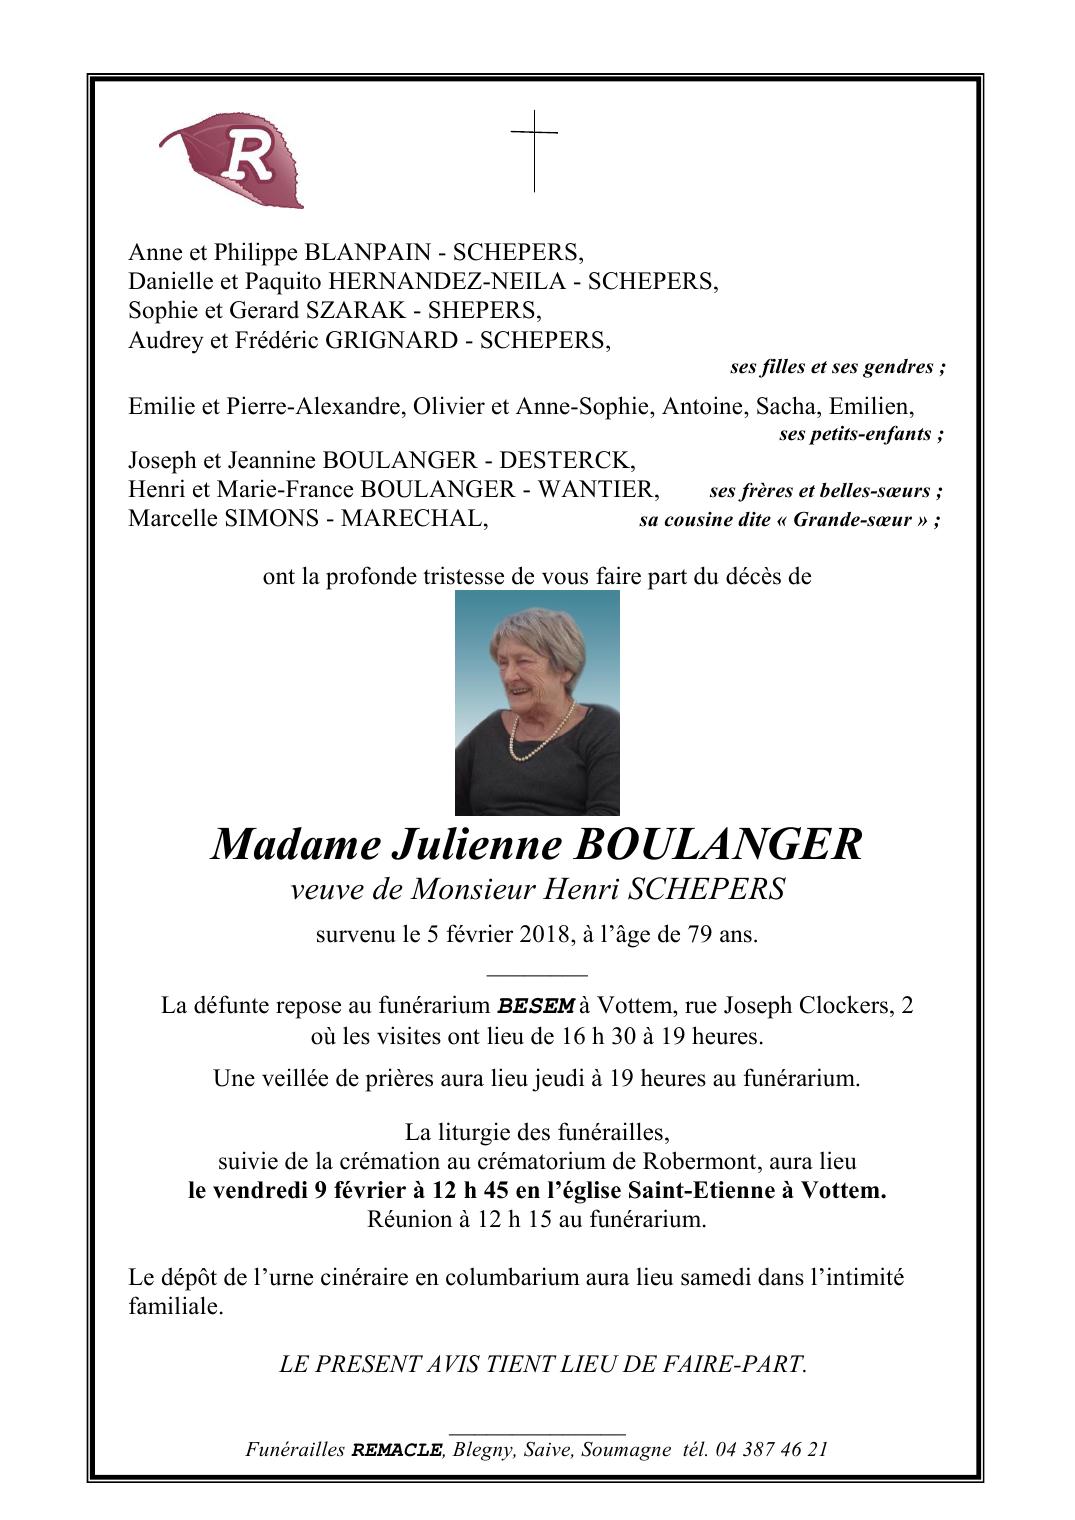 Deces De Madame Julienne BOULANGER 5 02 2018 Fr BE Annonce